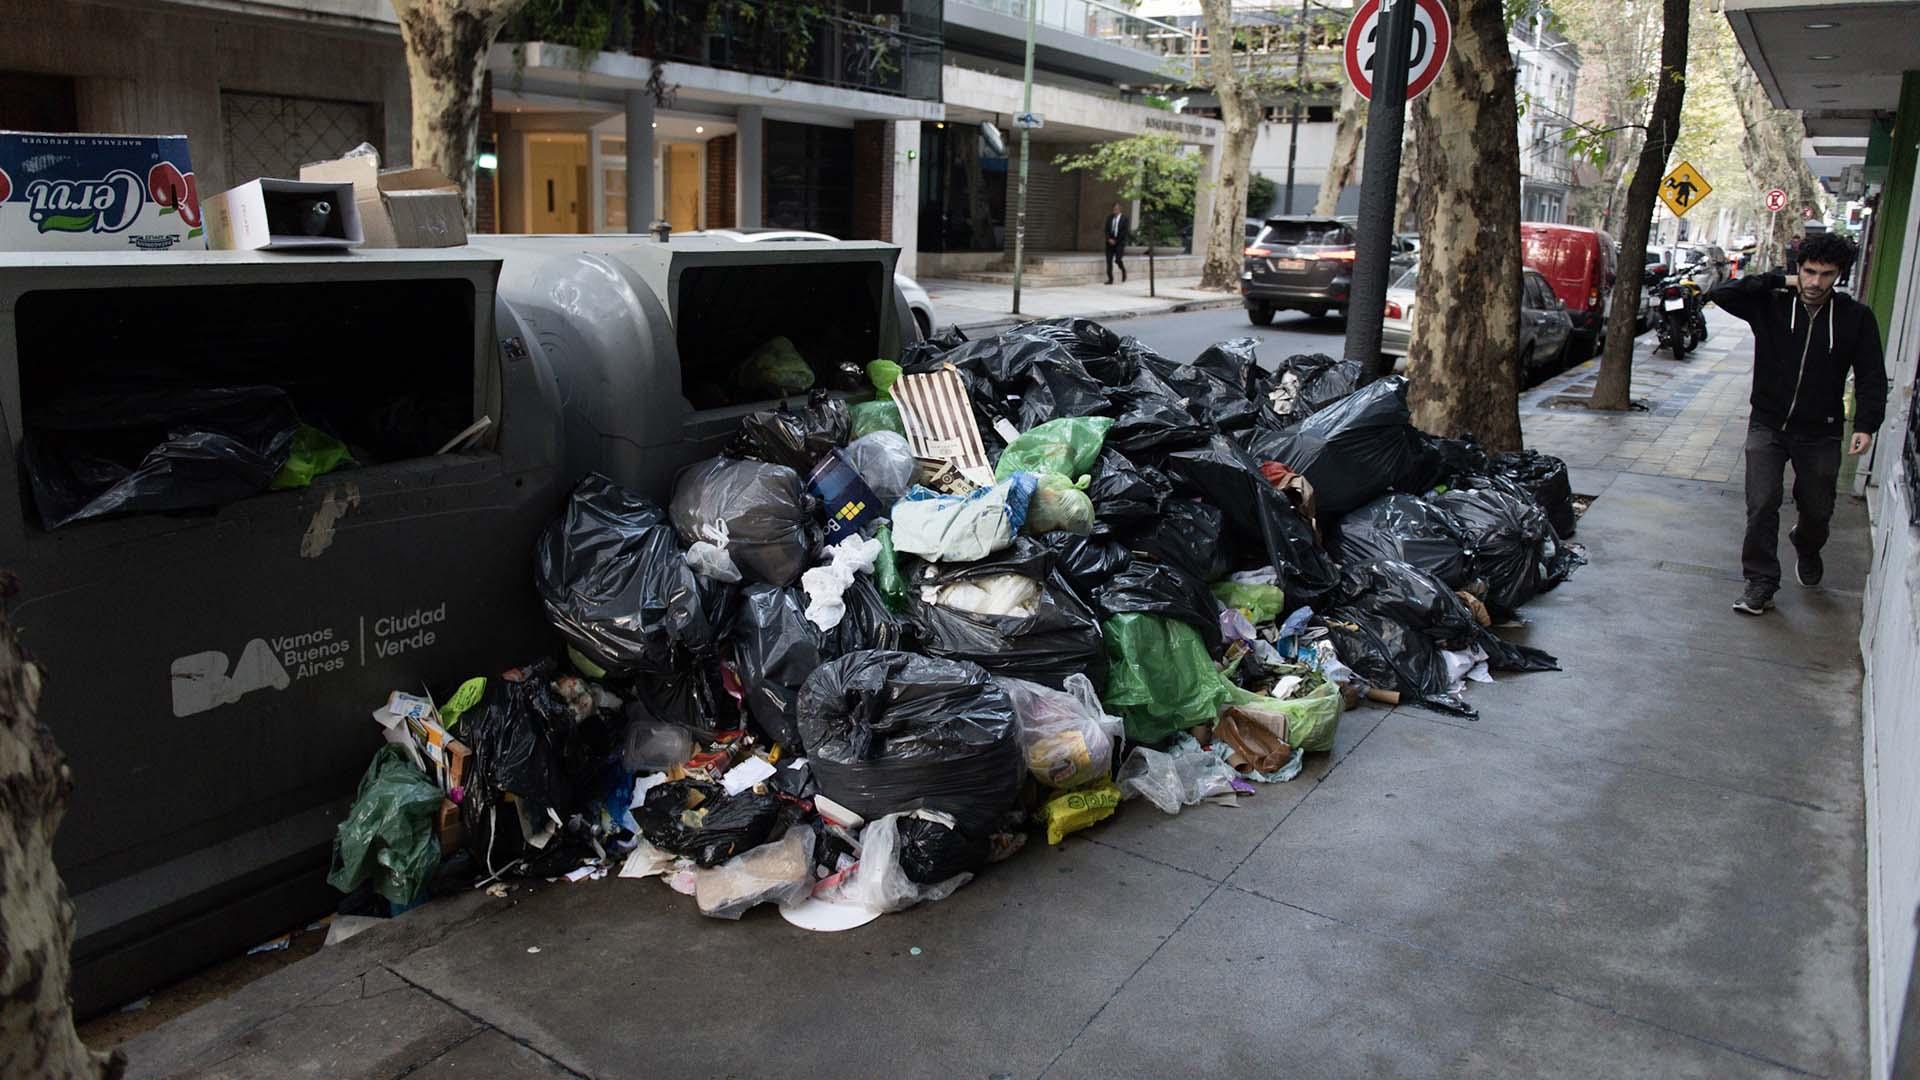 """""""Cuando un día no se recolecta la basura, tarda un día y medio en volver a la normalidad"""", agregó Macchiavelli."""